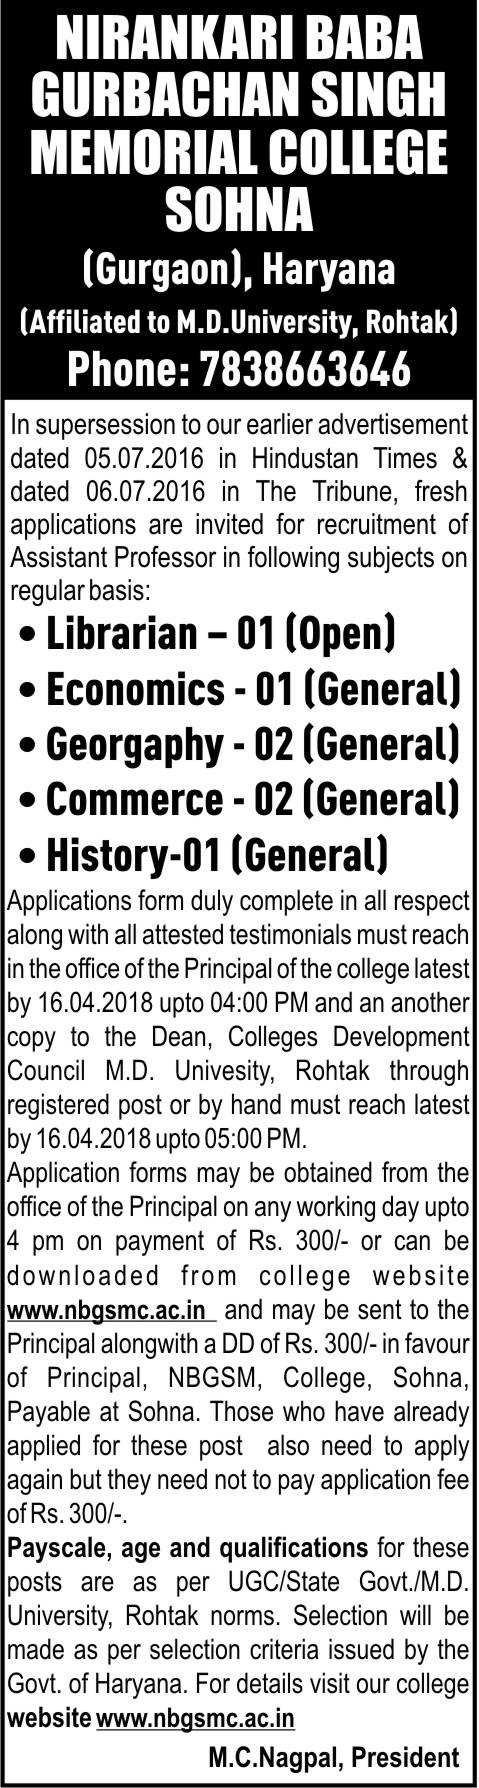 Jobs & Careers | Nirankari Baba Gurbachan Singh Memorial College